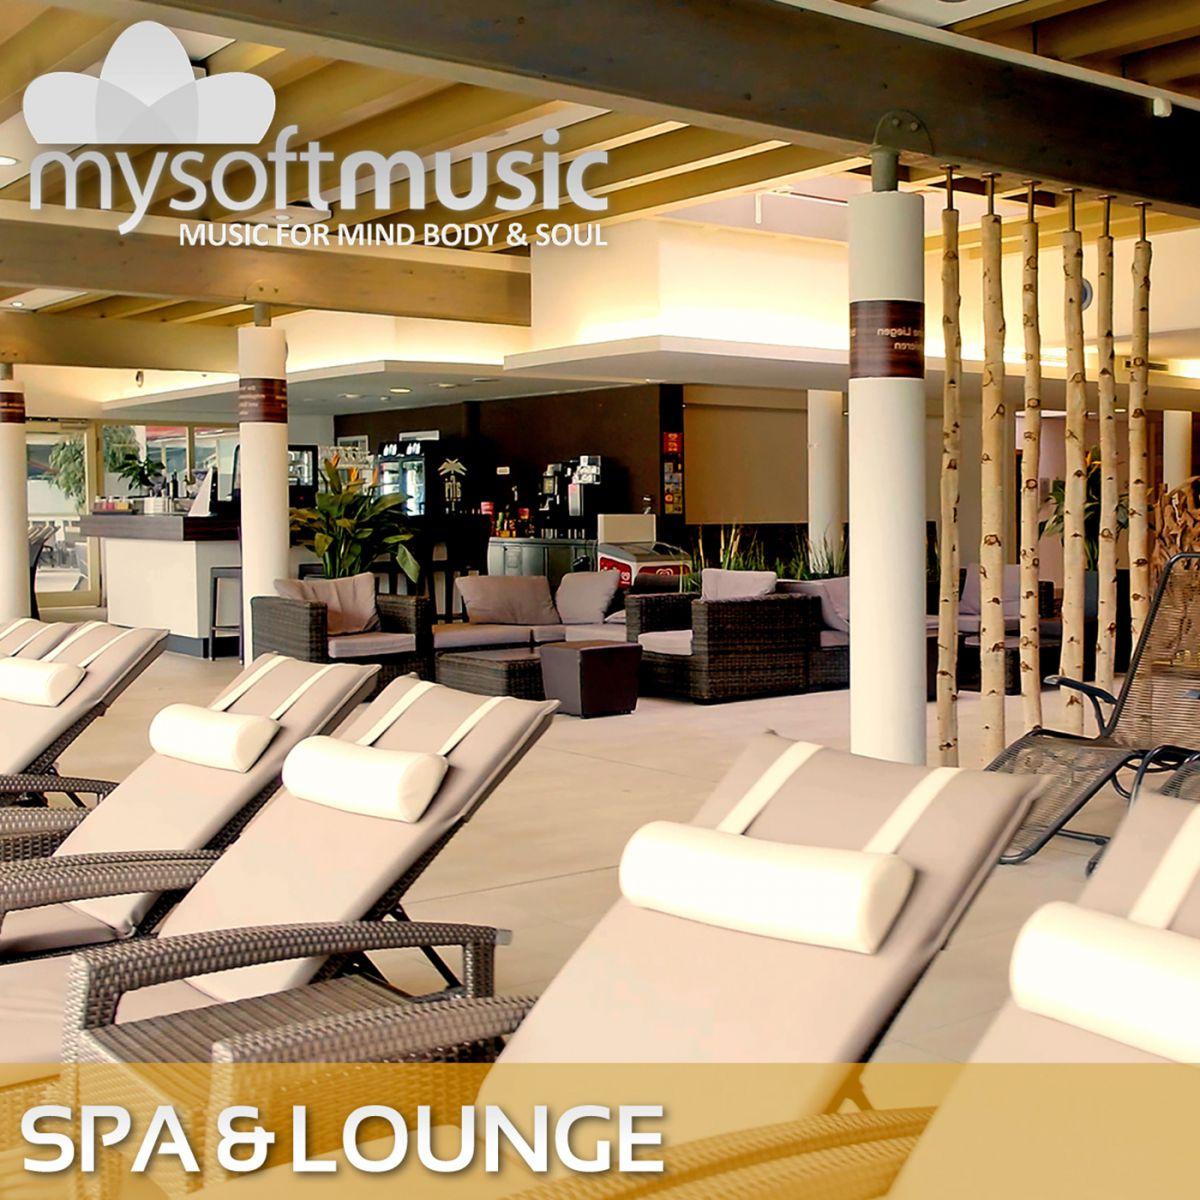 Spa Lounge music mp3 | Kirk Monteux mysoftmusic